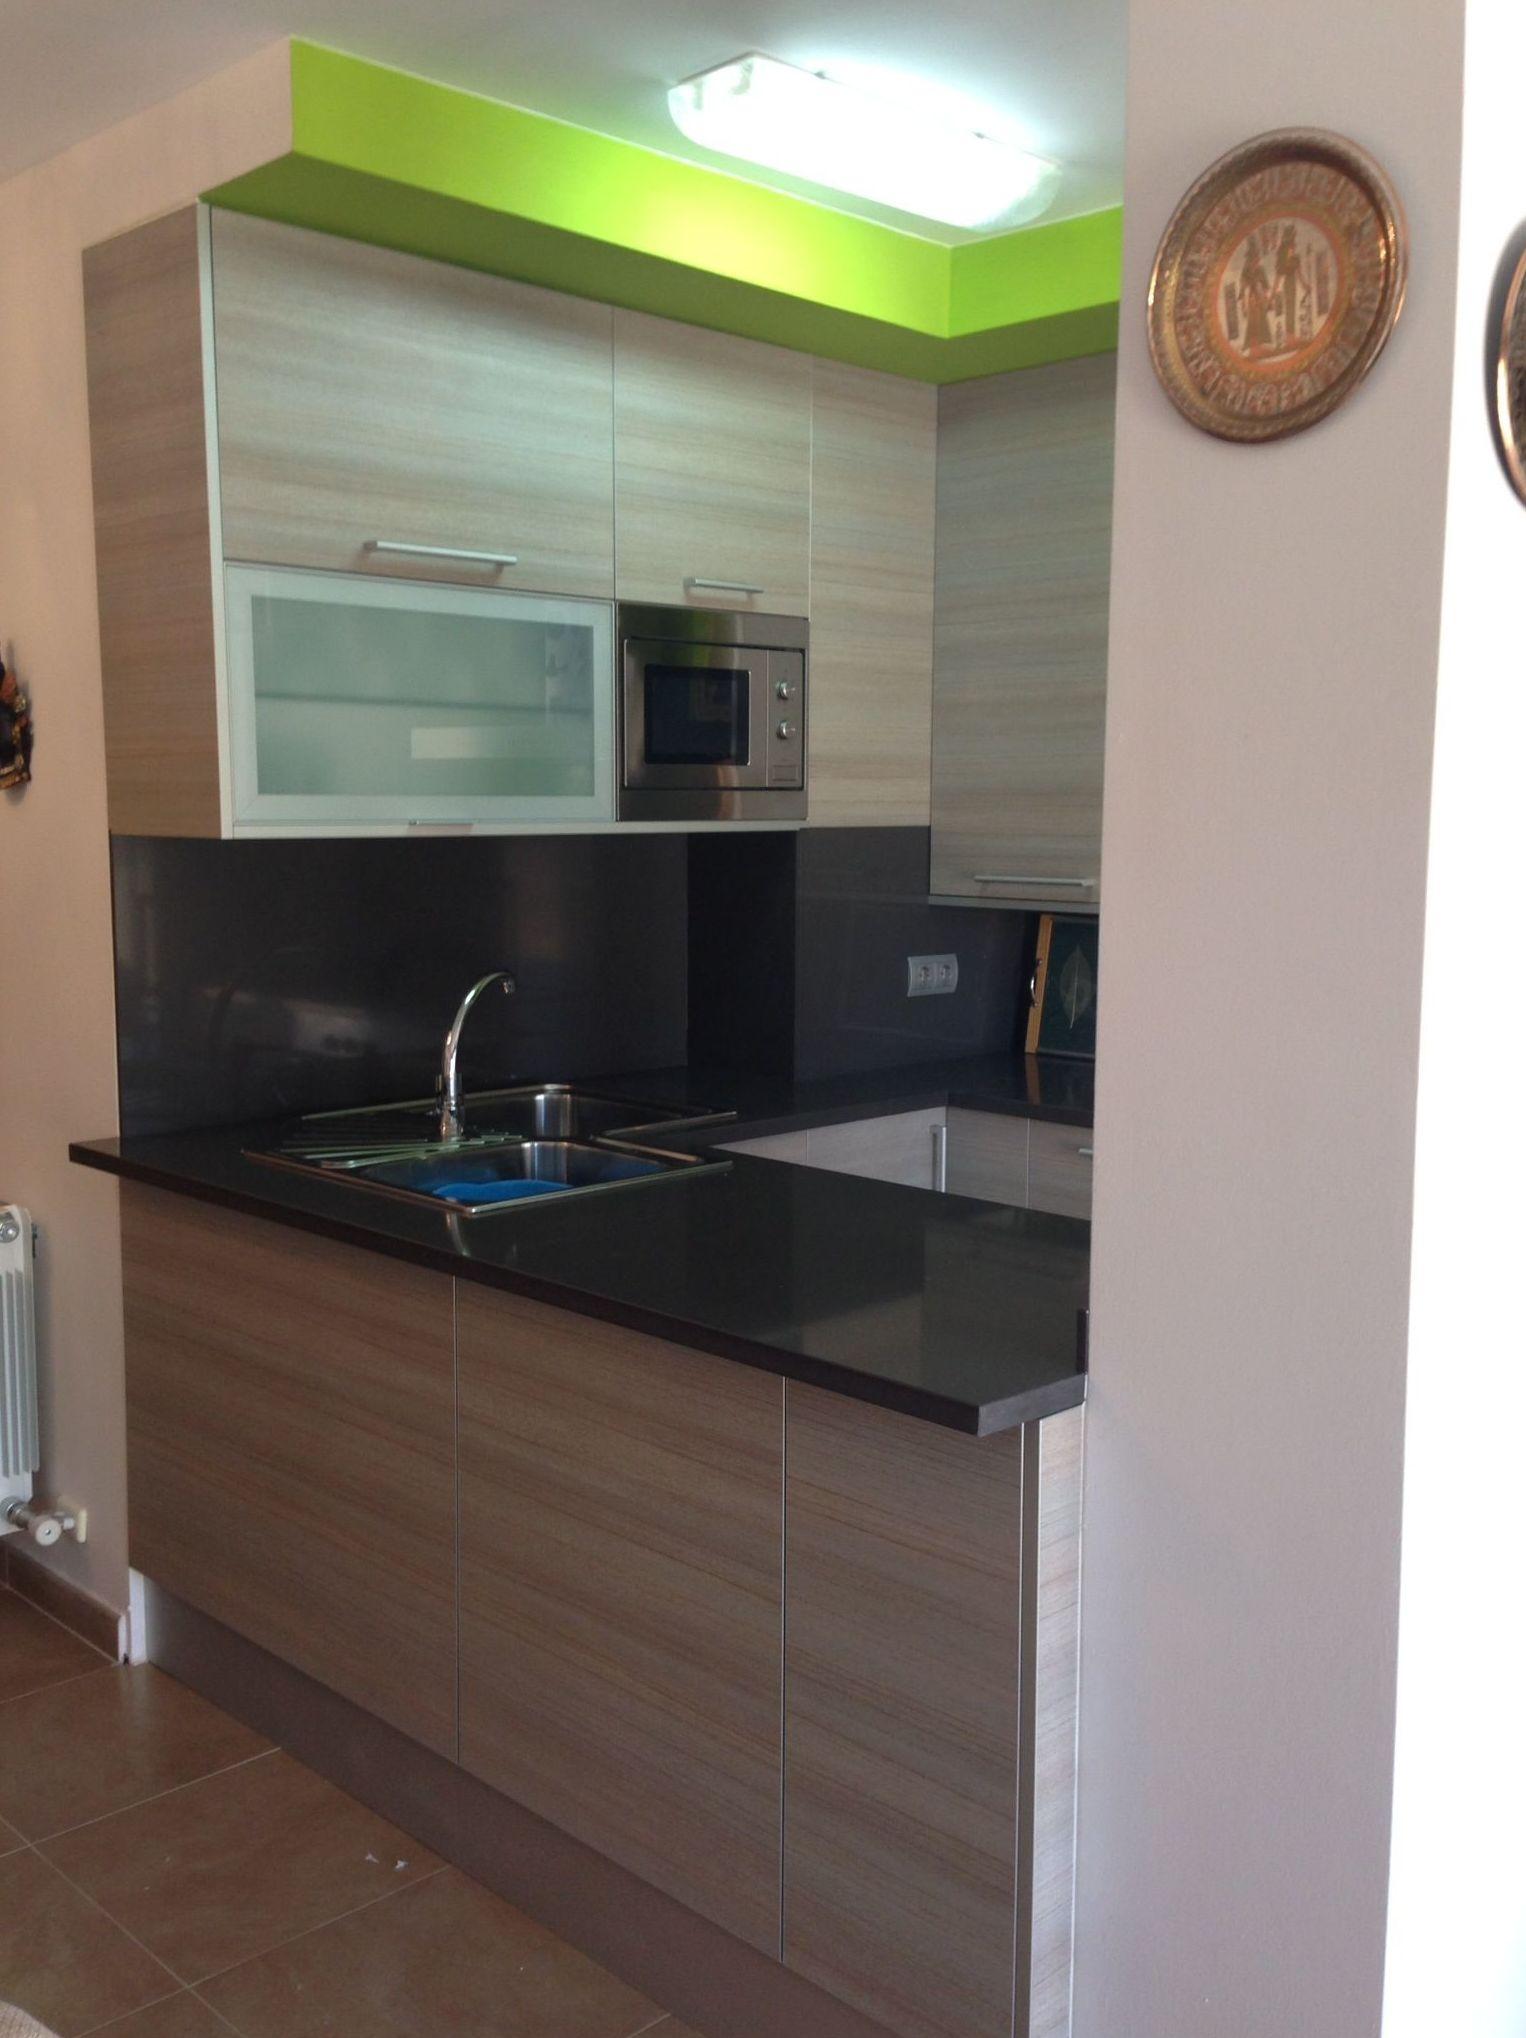 Muebles de cocina para aprovechar al máximo su espacio